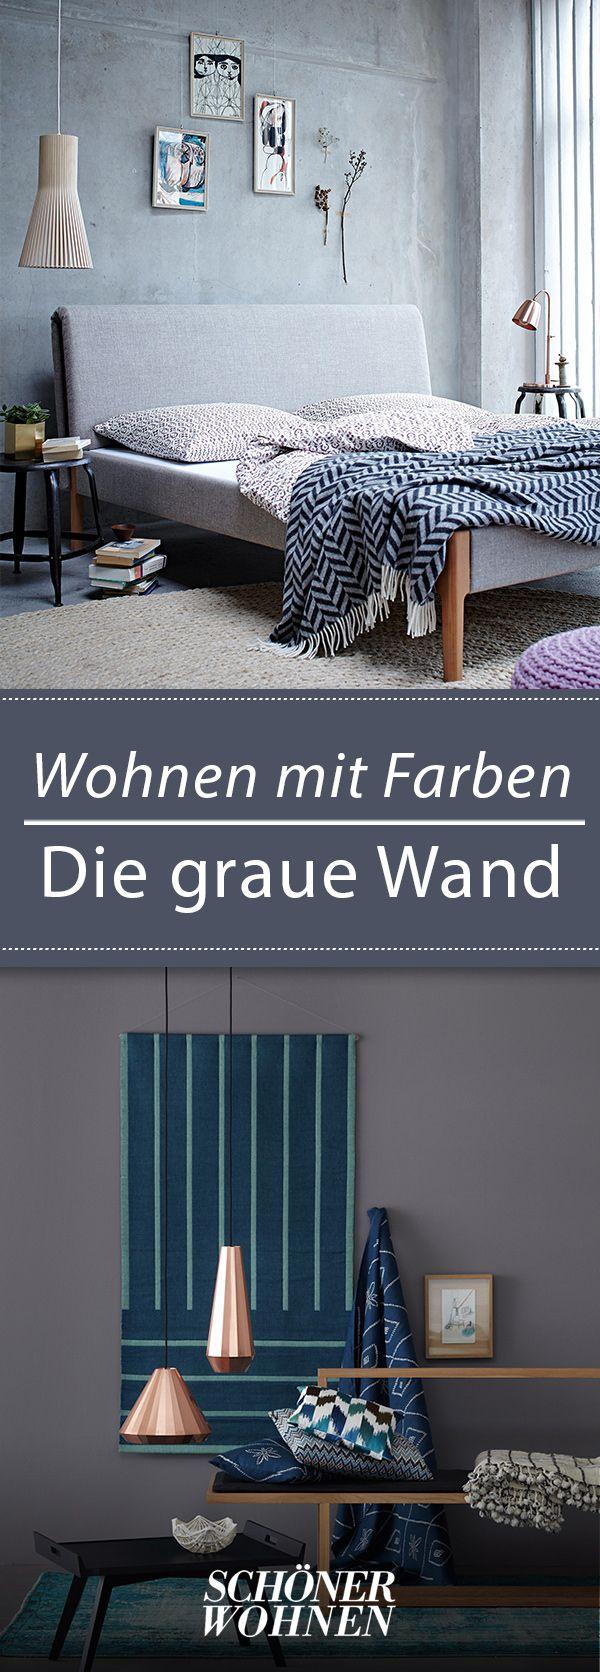 Grau Als Wandfarbe Wandfarbe Wohnzimmerfarben Und Schoner Wohnen Wandfarbe